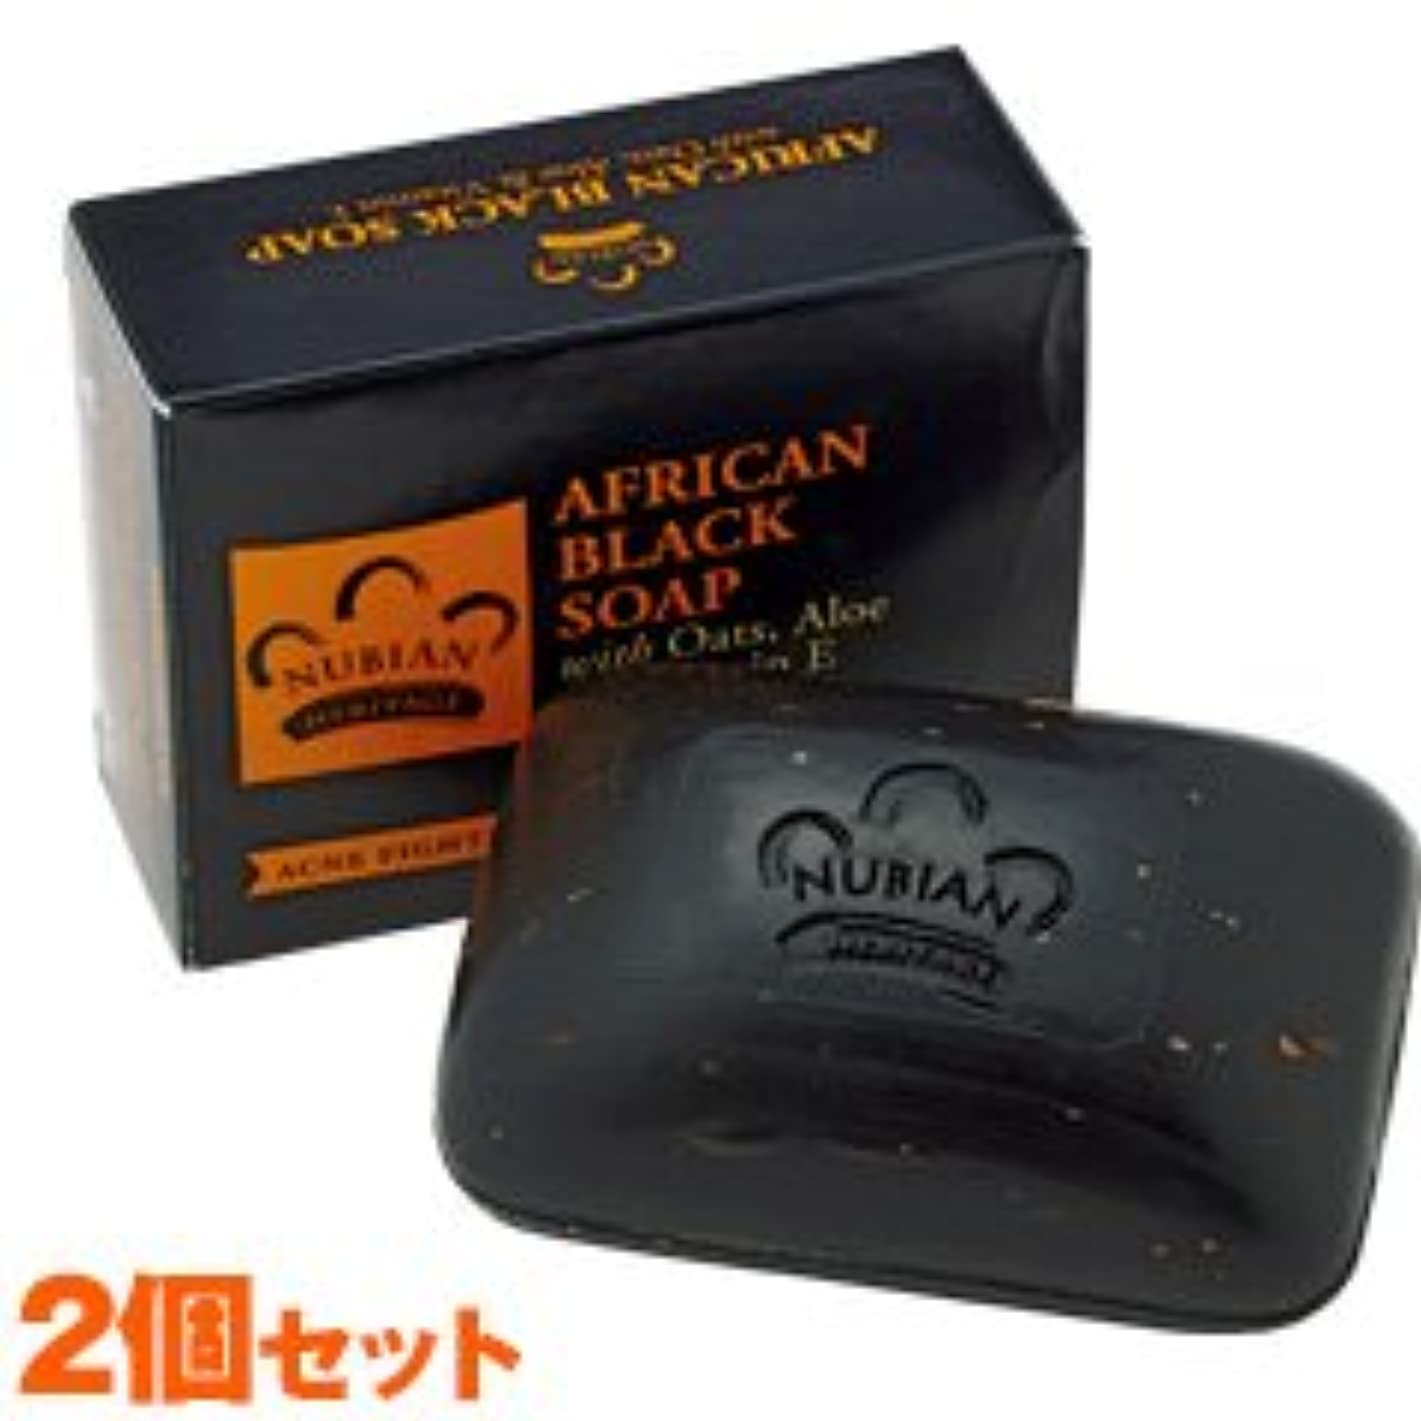 キャリア好ましいリーヌビアン ヘリテージ(NUBIAN HERITAGE)アフリカン ブラック ソープバー 2個セット 141gX2[並行輸入品][海外直送品]